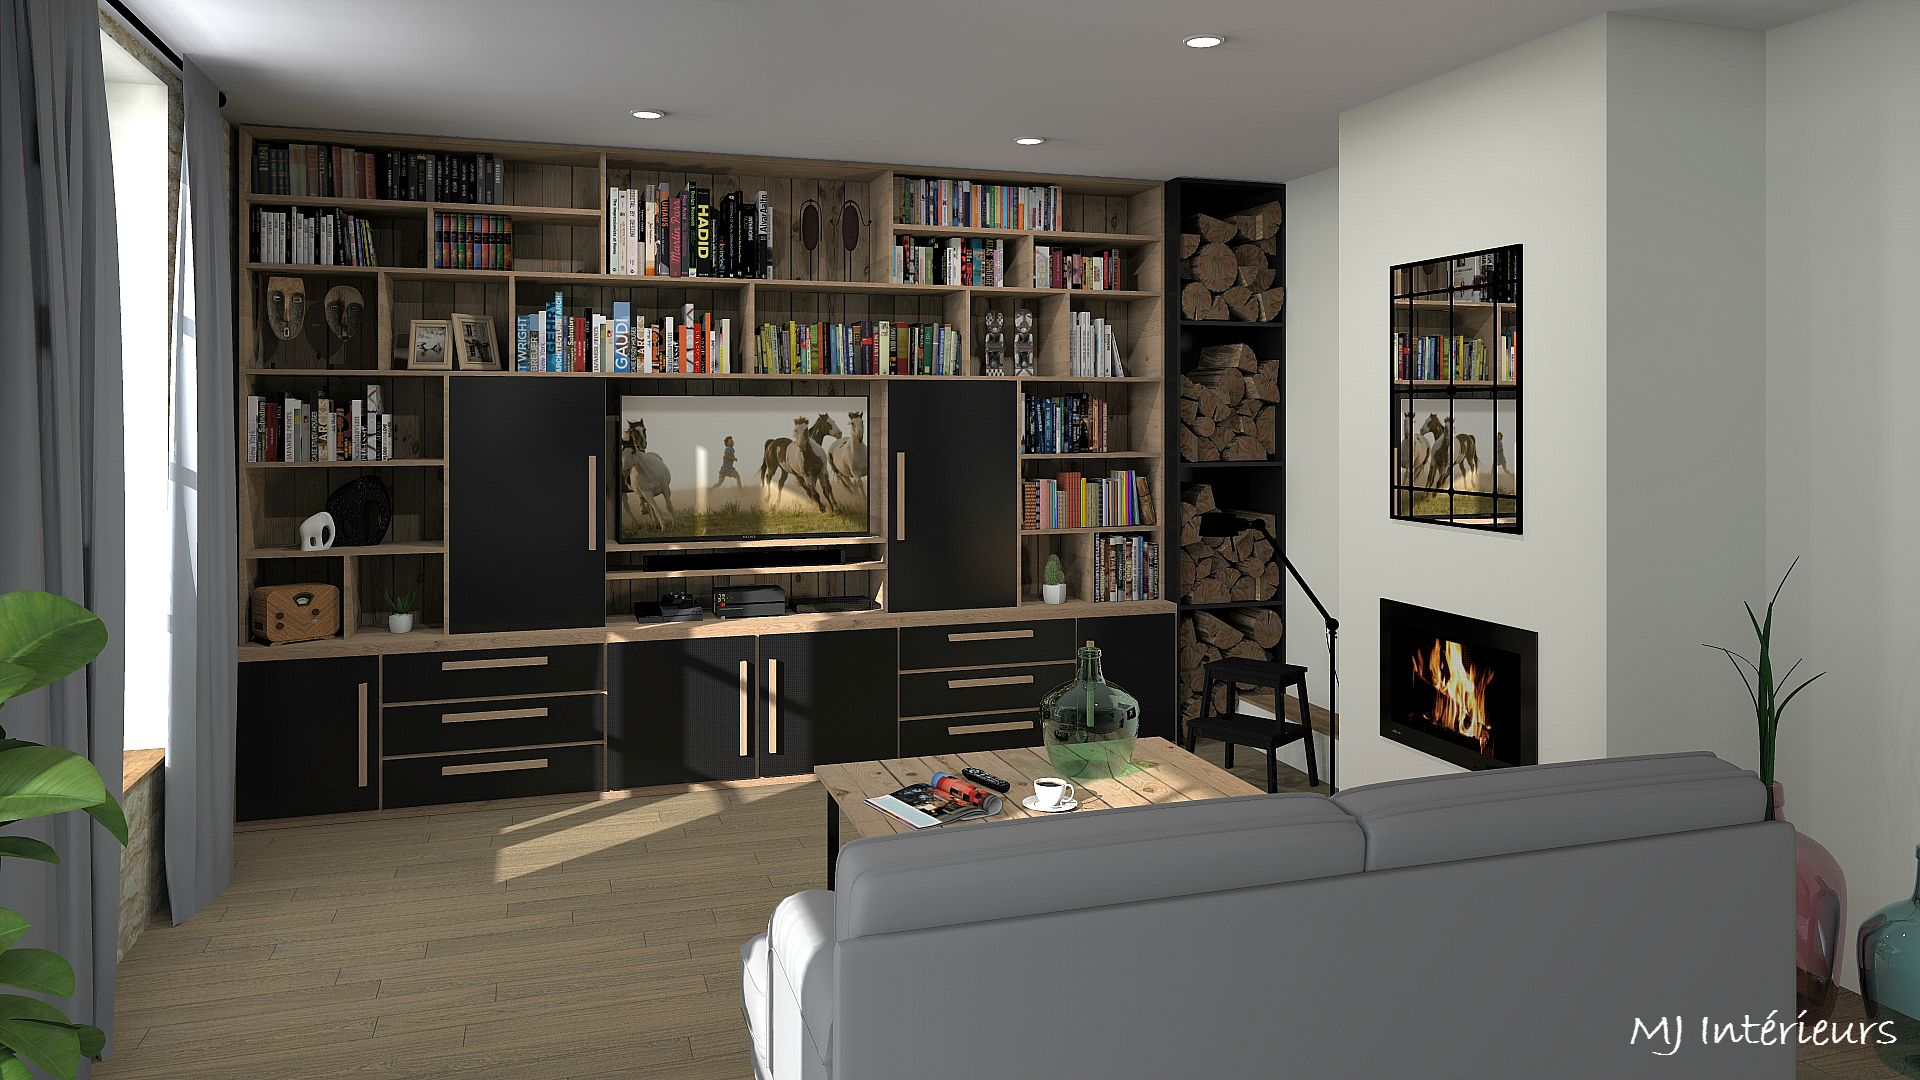 biblioth que meuble tv avec b cher conception sur mesure en ch ne et valchromat medium teint. Black Bedroom Furniture Sets. Home Design Ideas